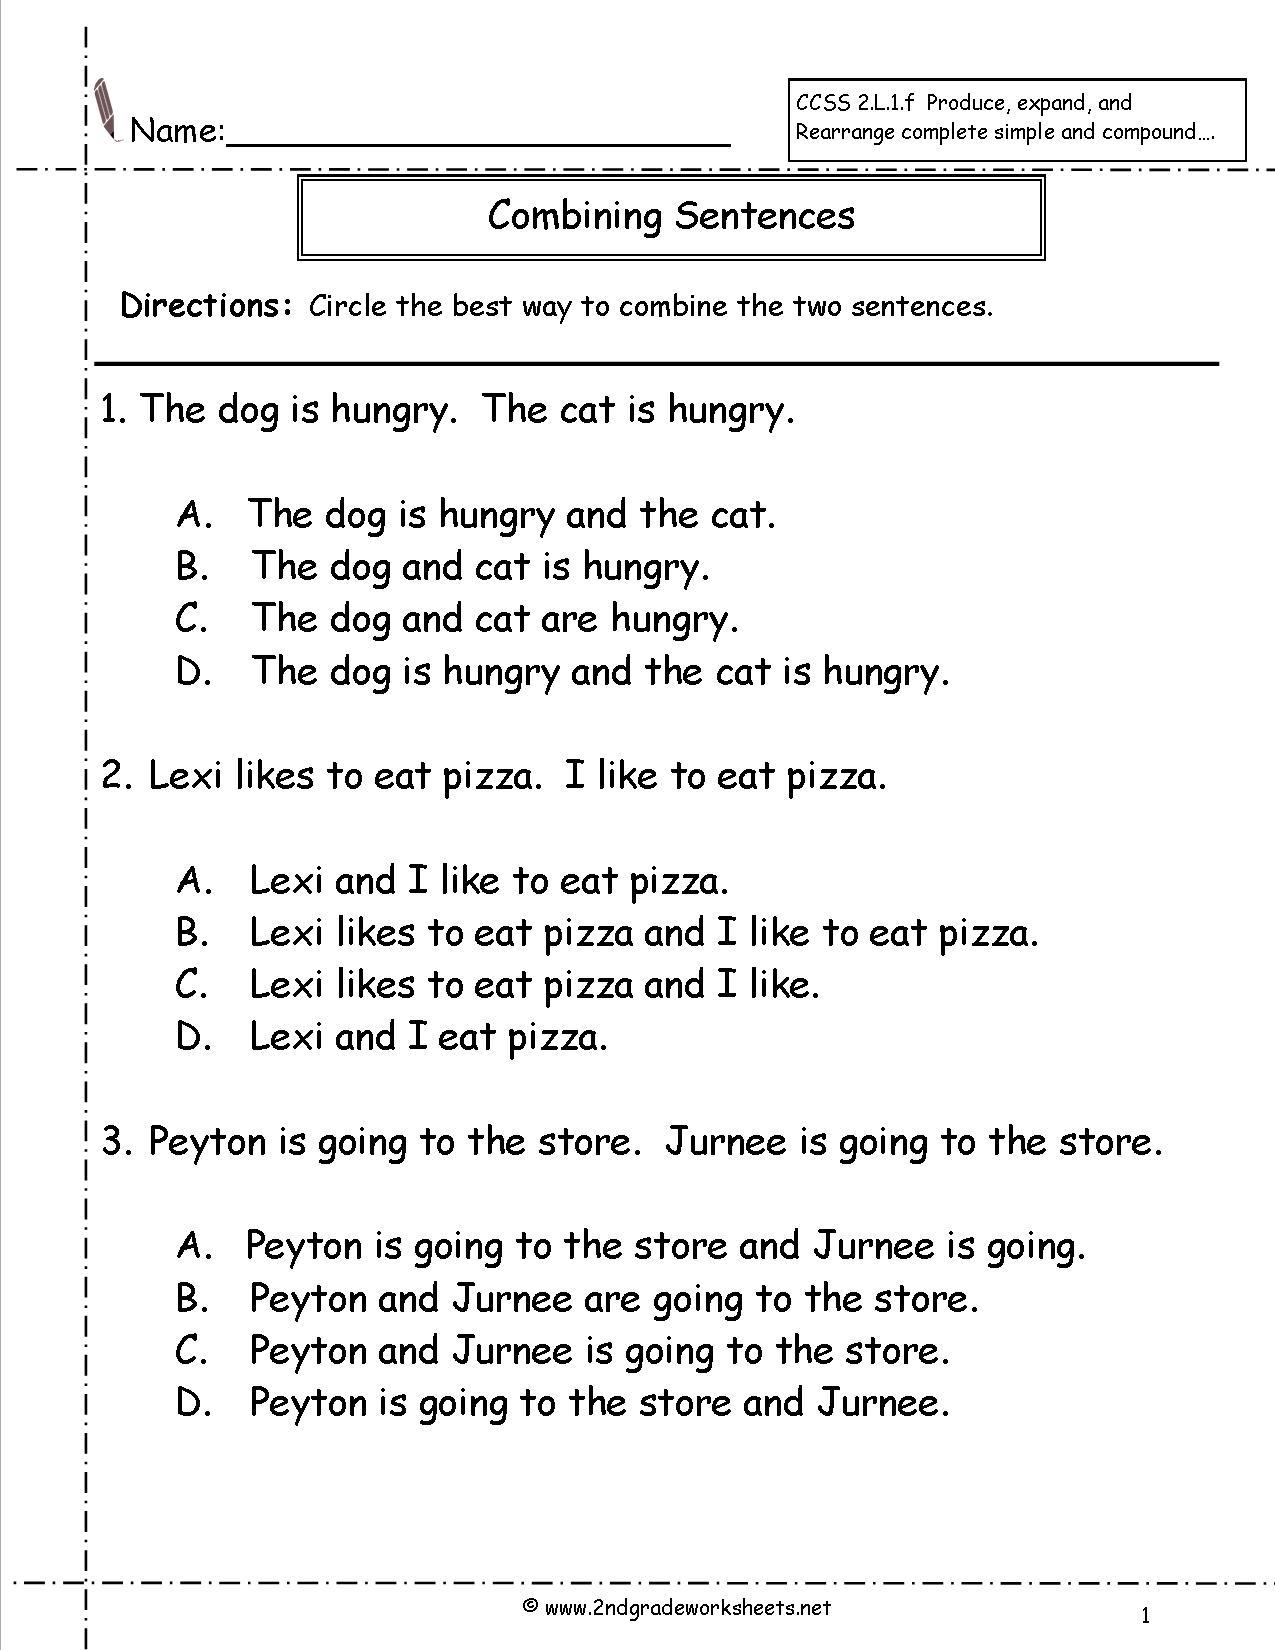 Editing Sentences Worksheets 2nd Grade The Best Worksheets Image